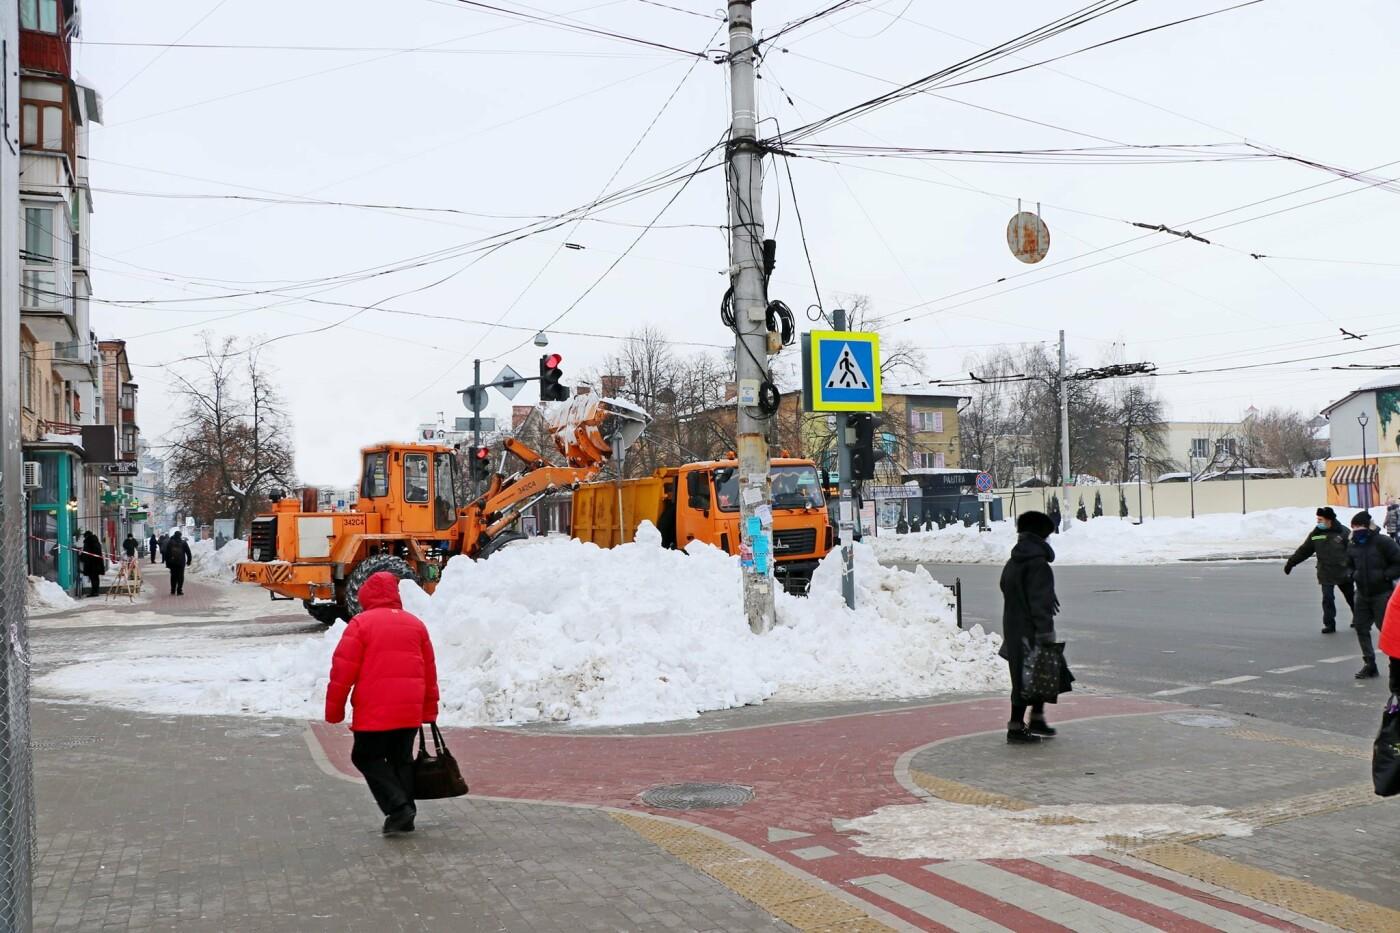 Тотальна чистка: за вихідні з вулиціь Чернігова вивезли більше 6 000 м3 снігу, фото-1